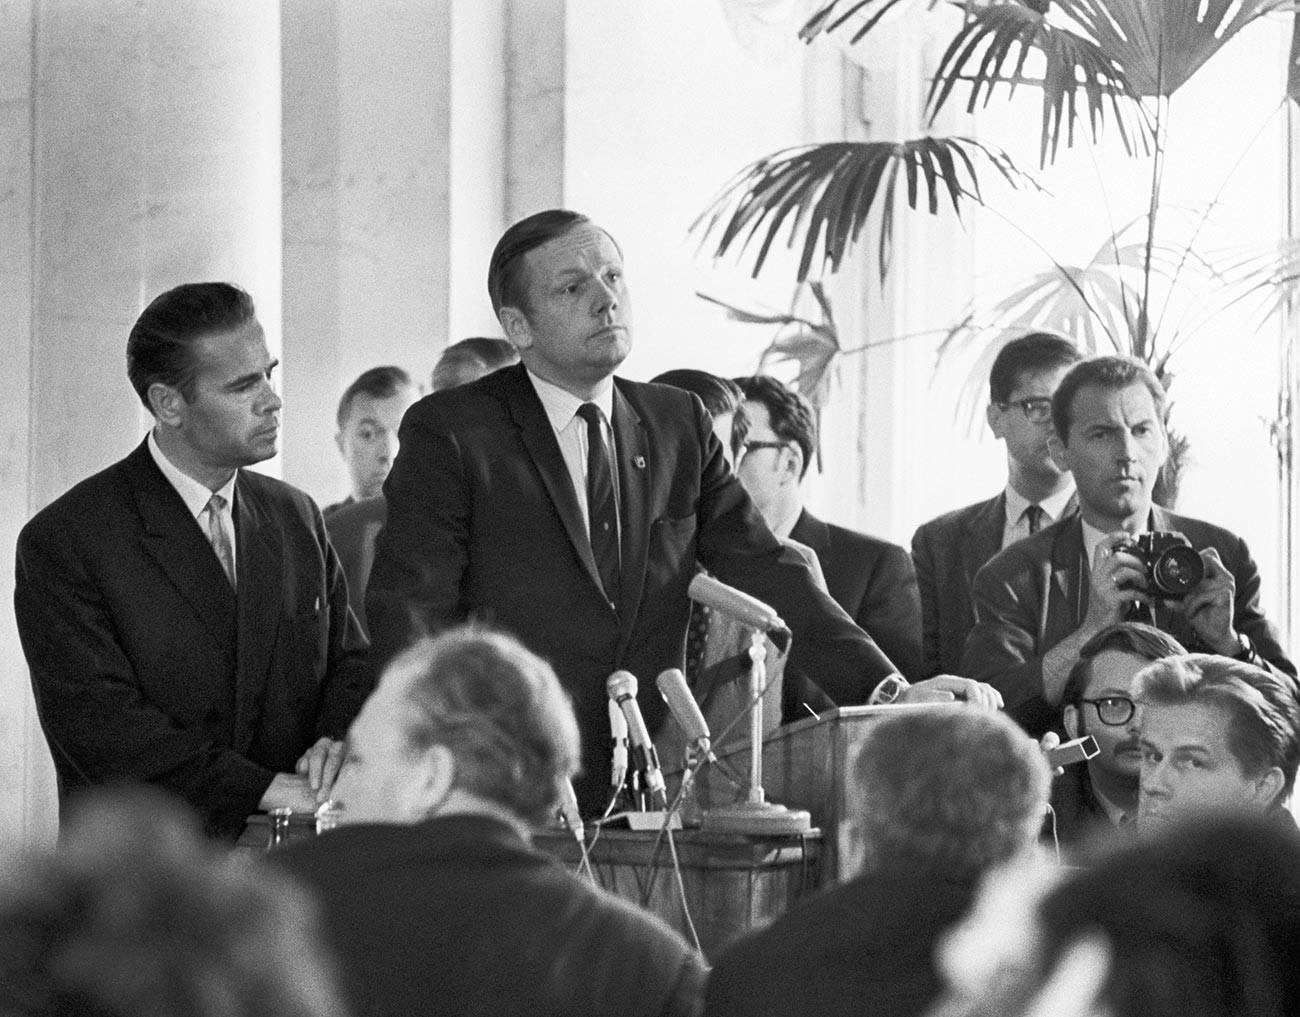 Нил Армстронг (в центре) во время пресс-конференции в Академии наук СССР.